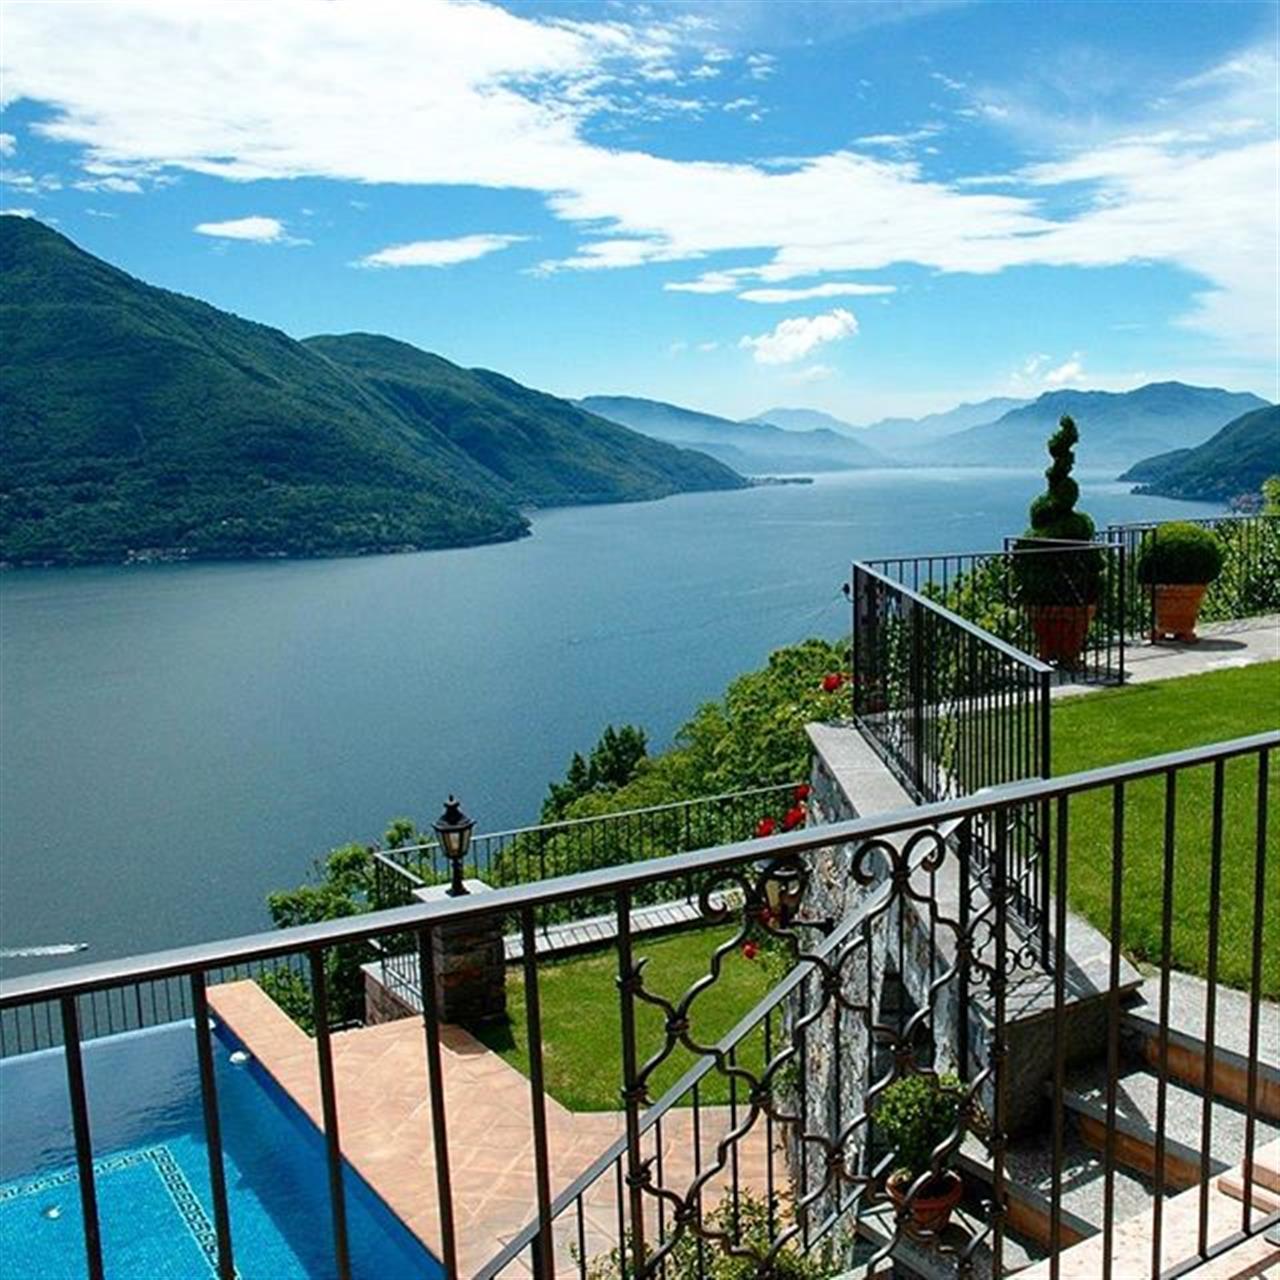 Majestic Mediterranean-style villa with sweeping lake views  BRISSAGO, LAGO MAGGIORE, SWITZERLAND   At a glance   #lakemaggiore #ticino #switzerland